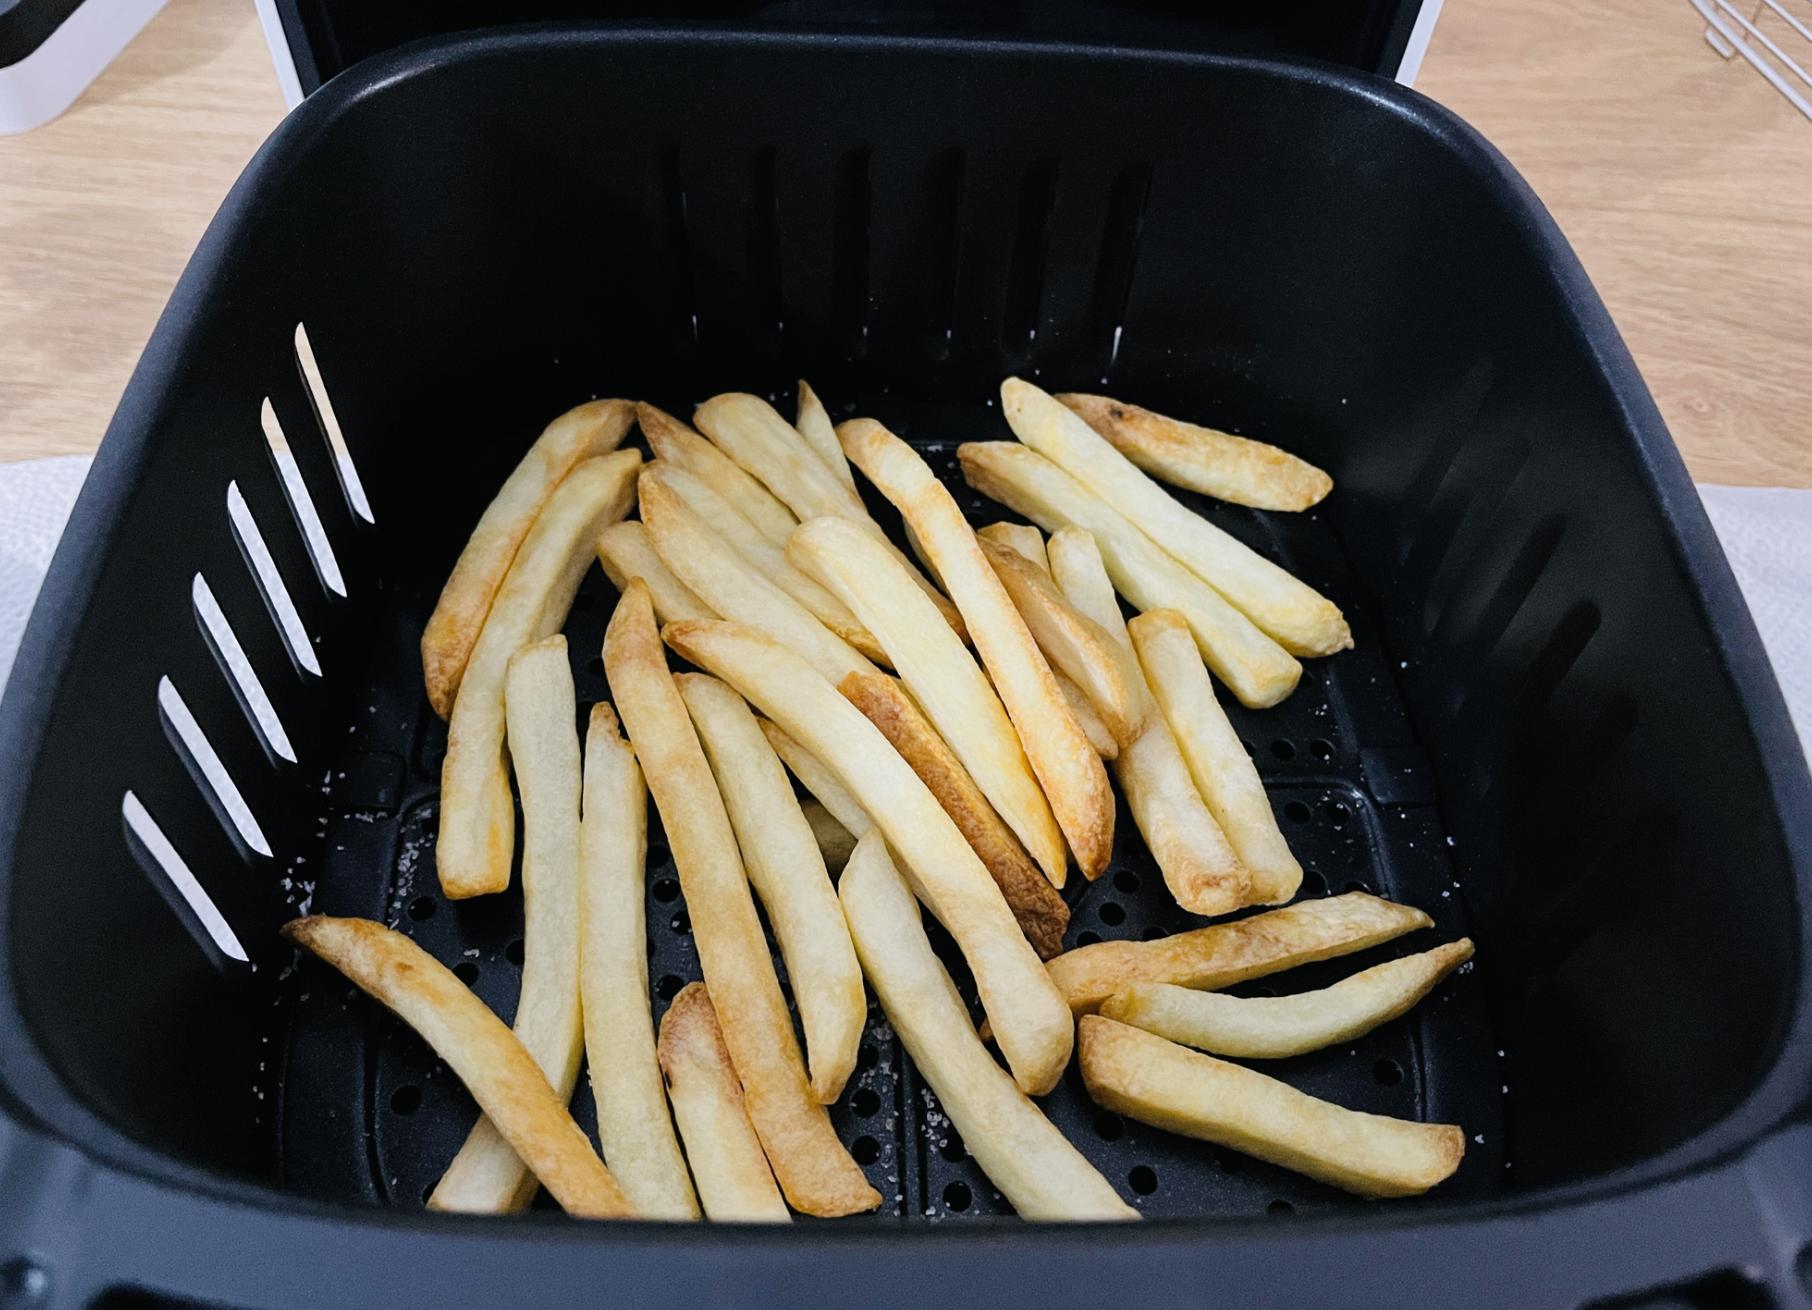 米家智能空气炸锅3.5L体验:无油烹饪 胖子的减肥神器